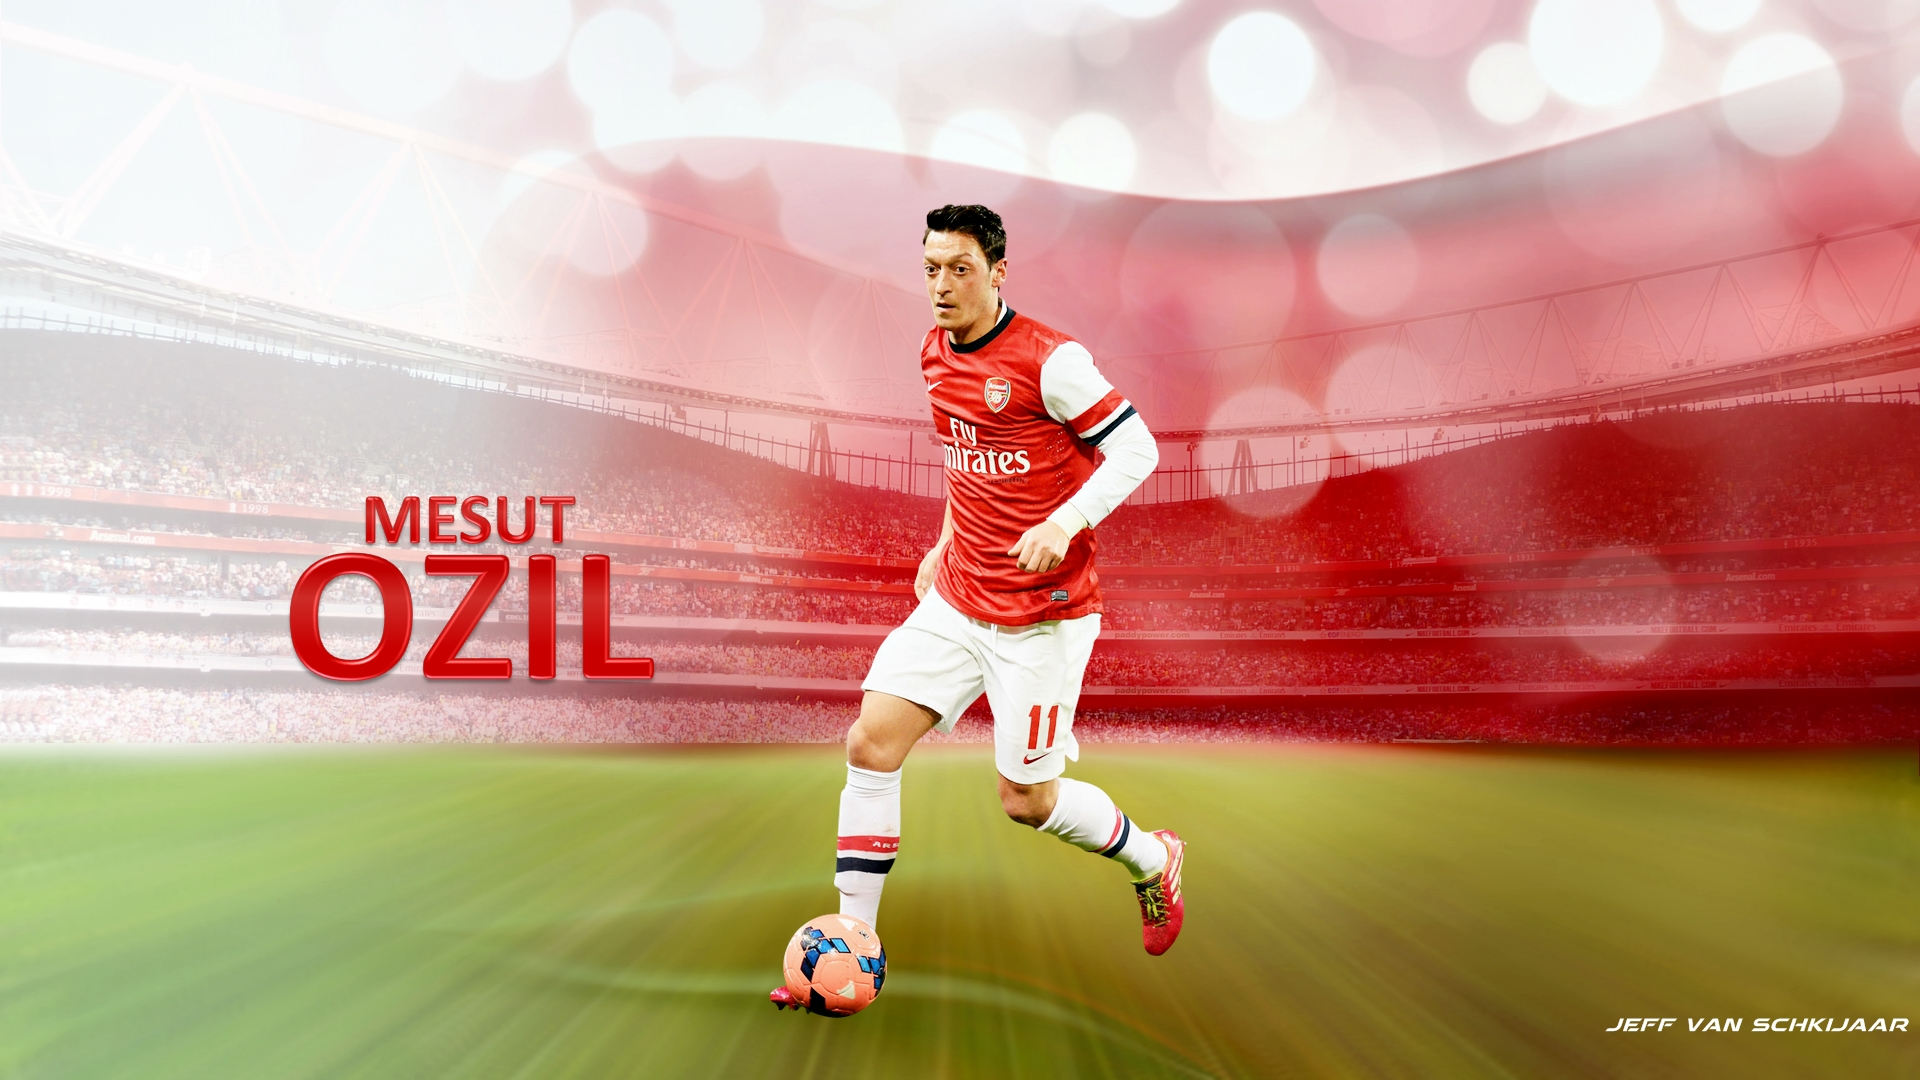 Mesut Ozil Arsenal Wallpaper HD 2014 2 Football Wallpaper HD 1920x1080